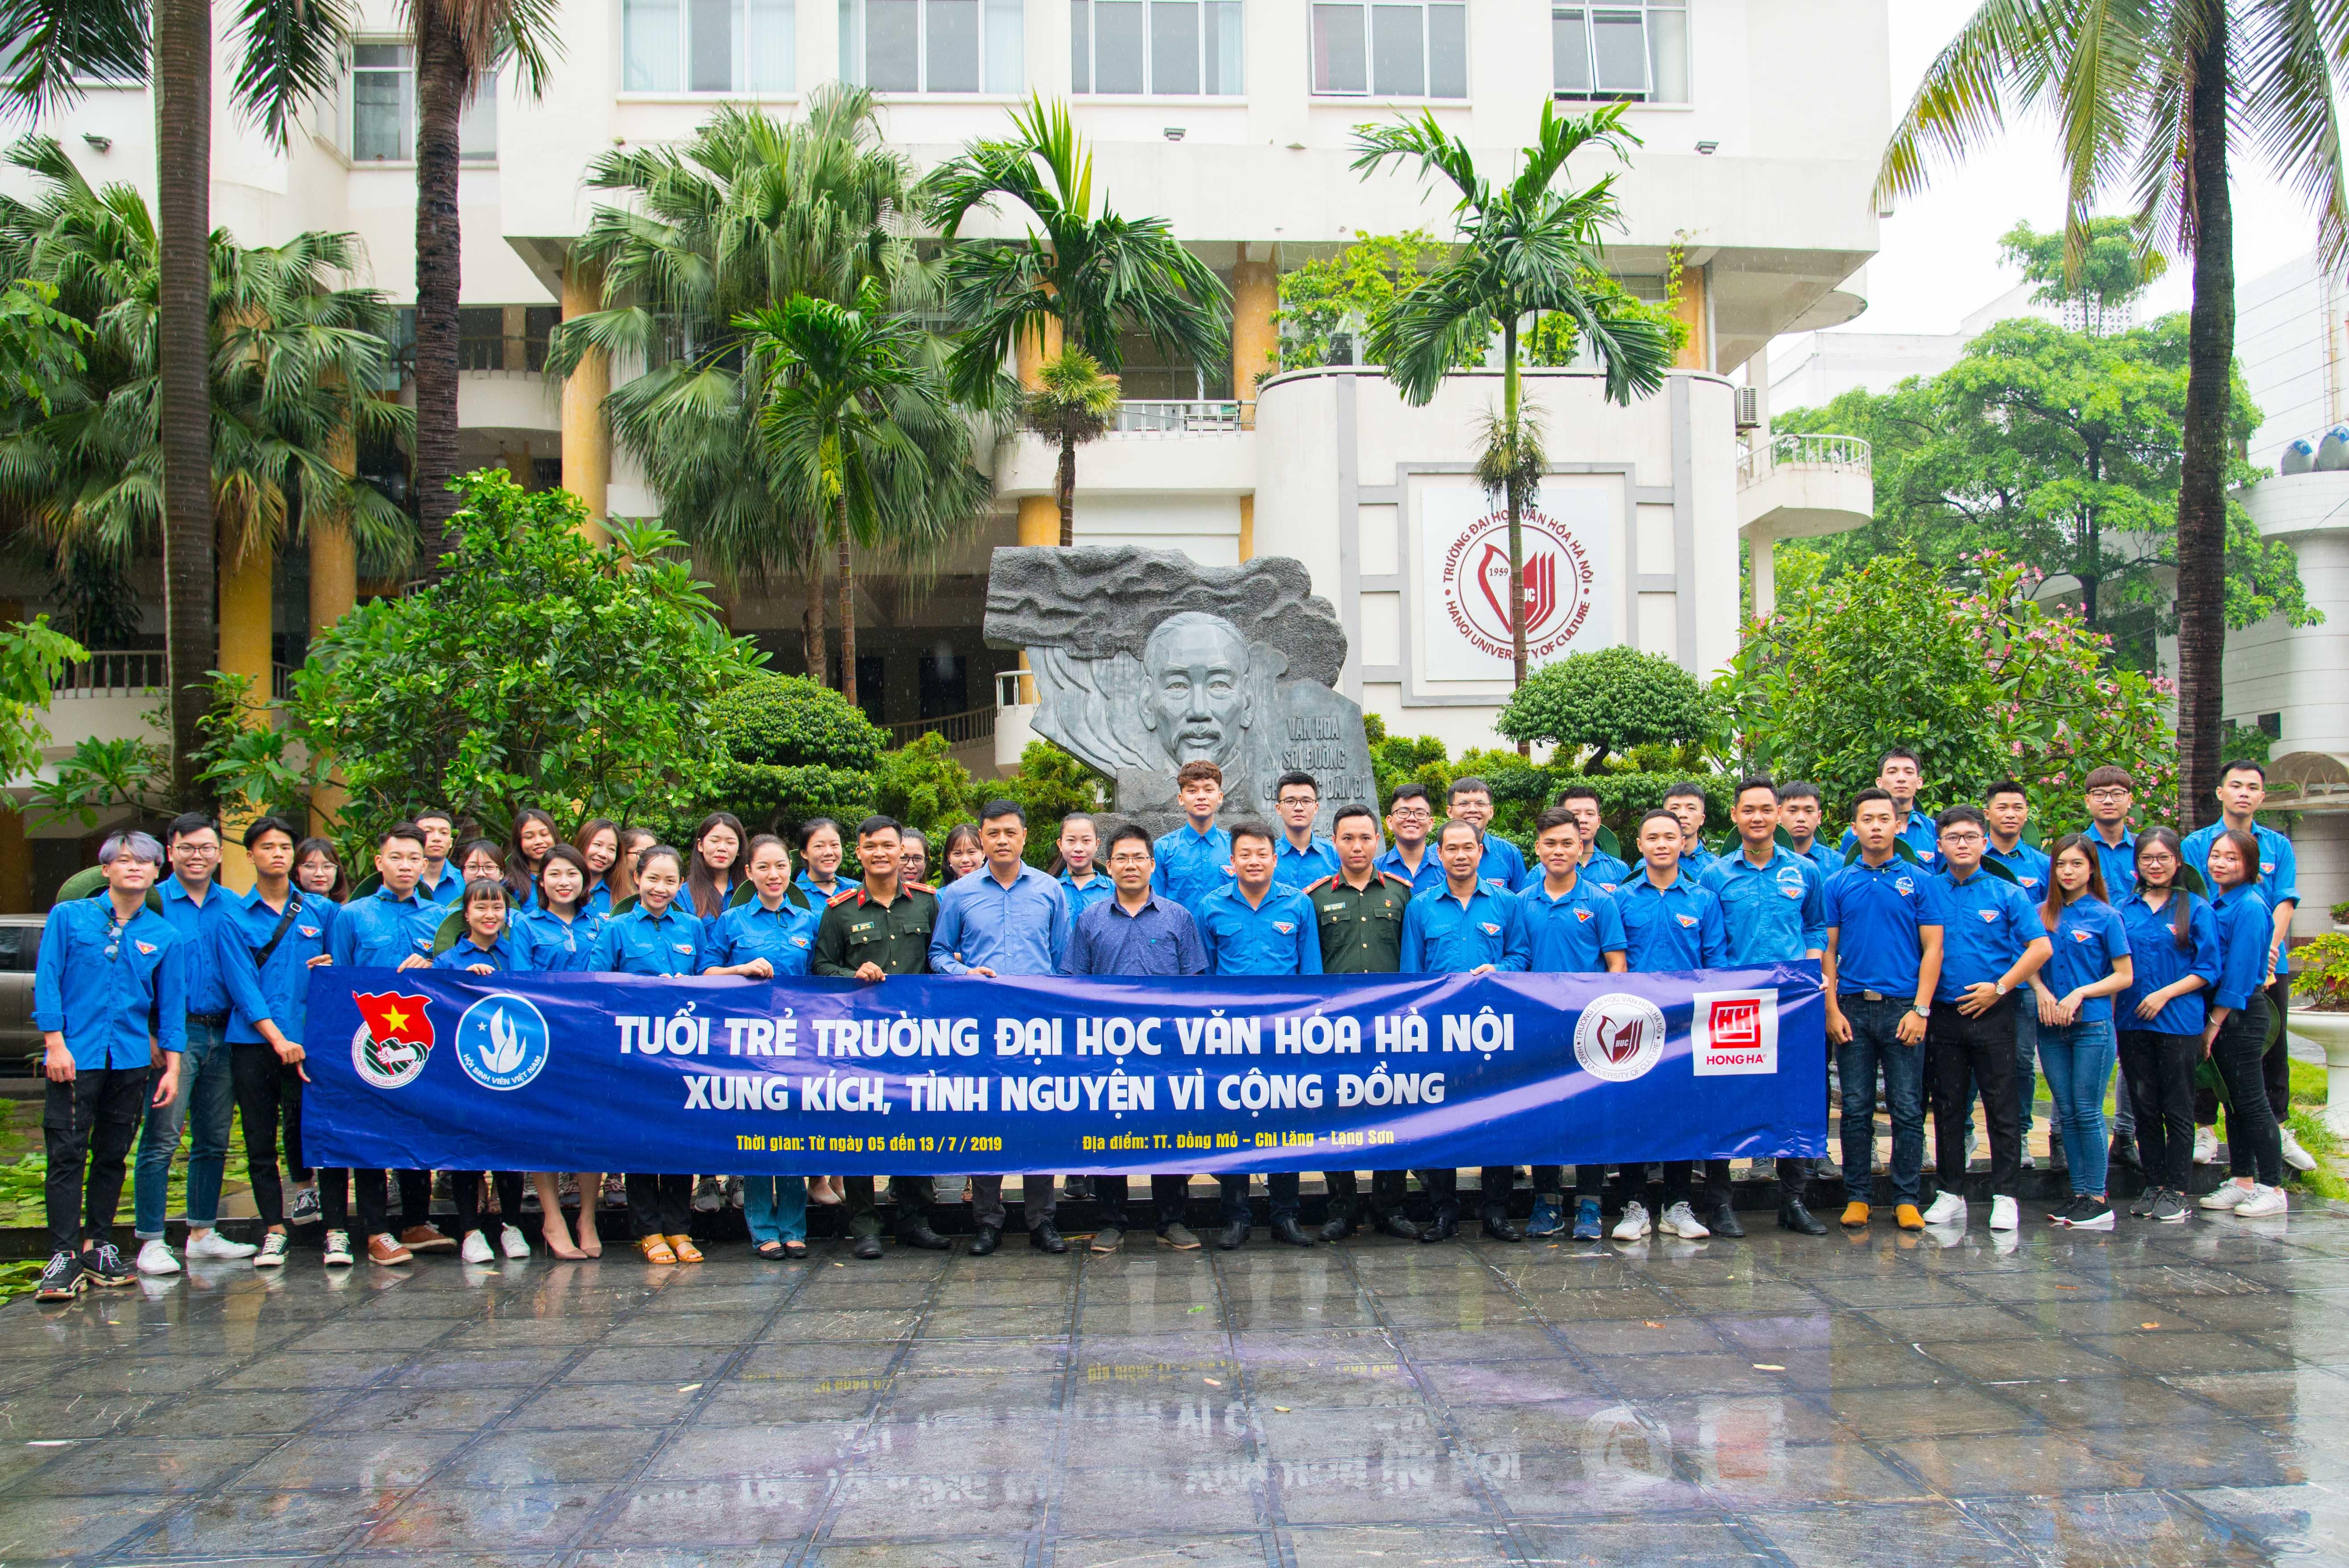 Mùa hè xanh 2019: Hành trình rèn luyện và cống hiến của tuổi trẻ Trường Đại học Văn hóa Hà Nội